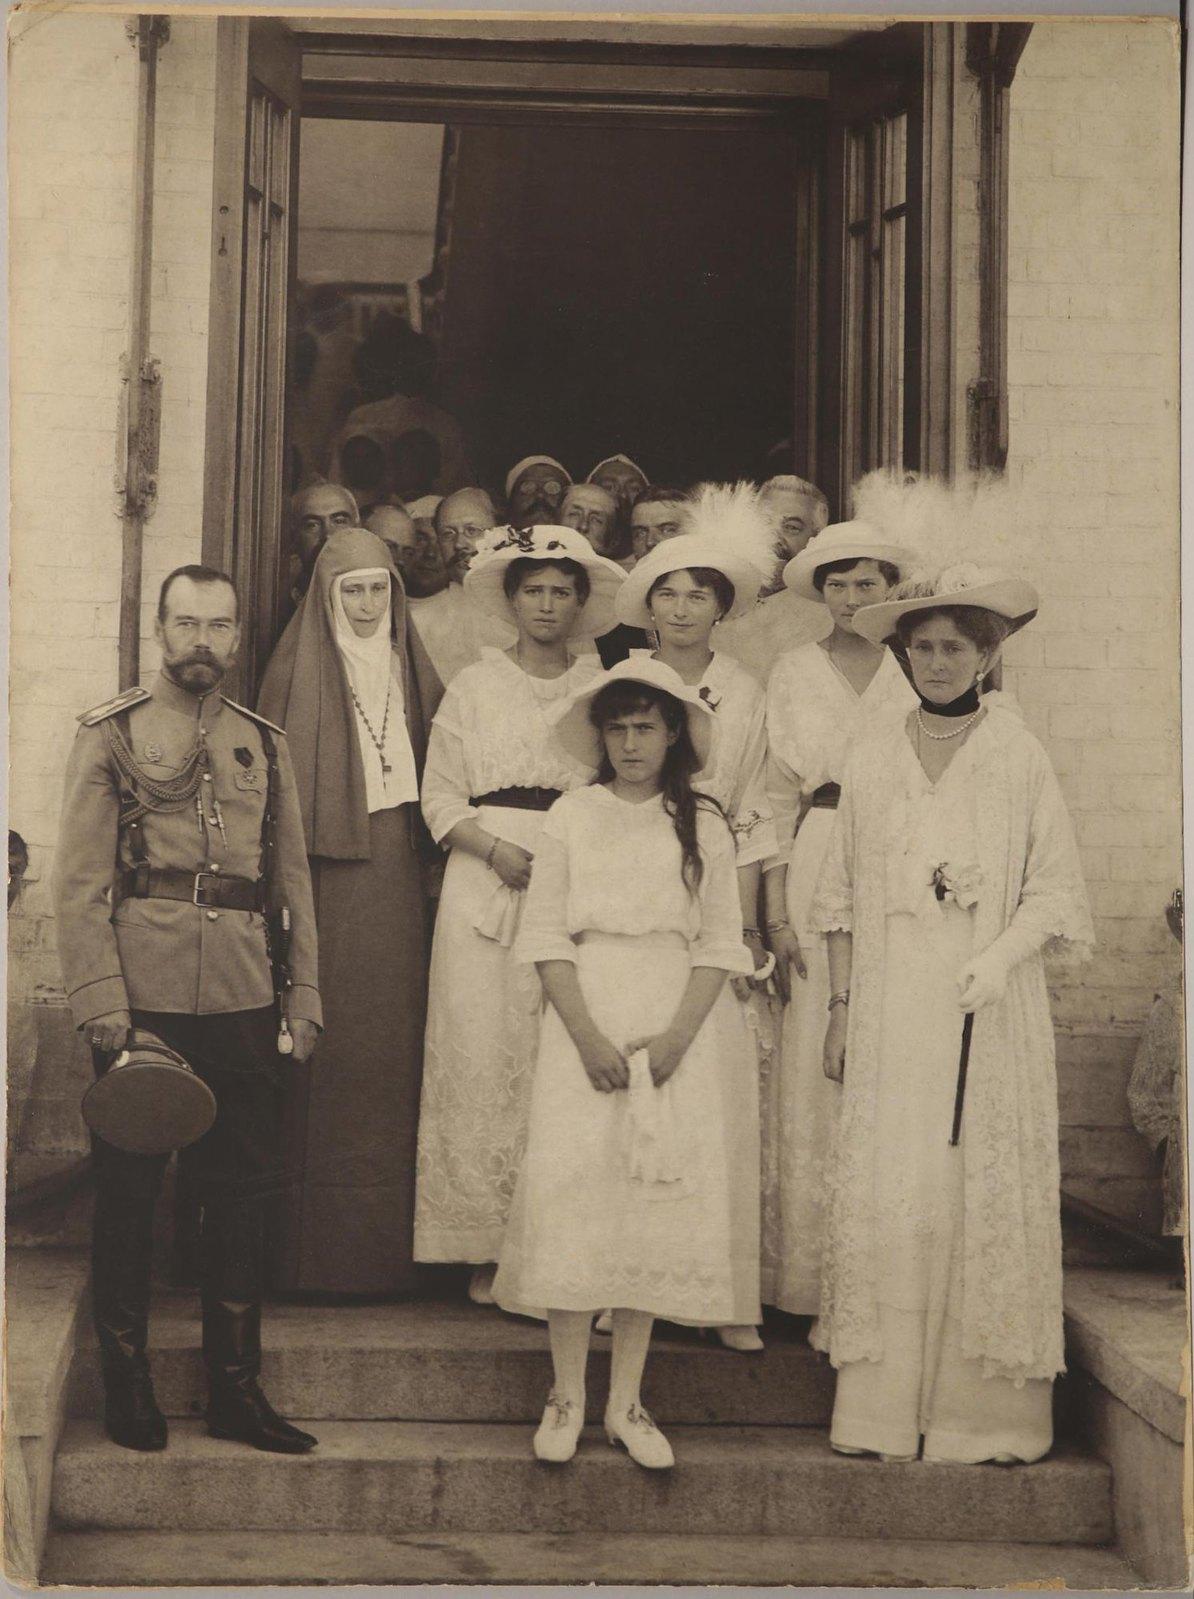 1915. Члены Императорской семьи и медицинский персонал Солдатенковской больницы во время визита к раненым воинам